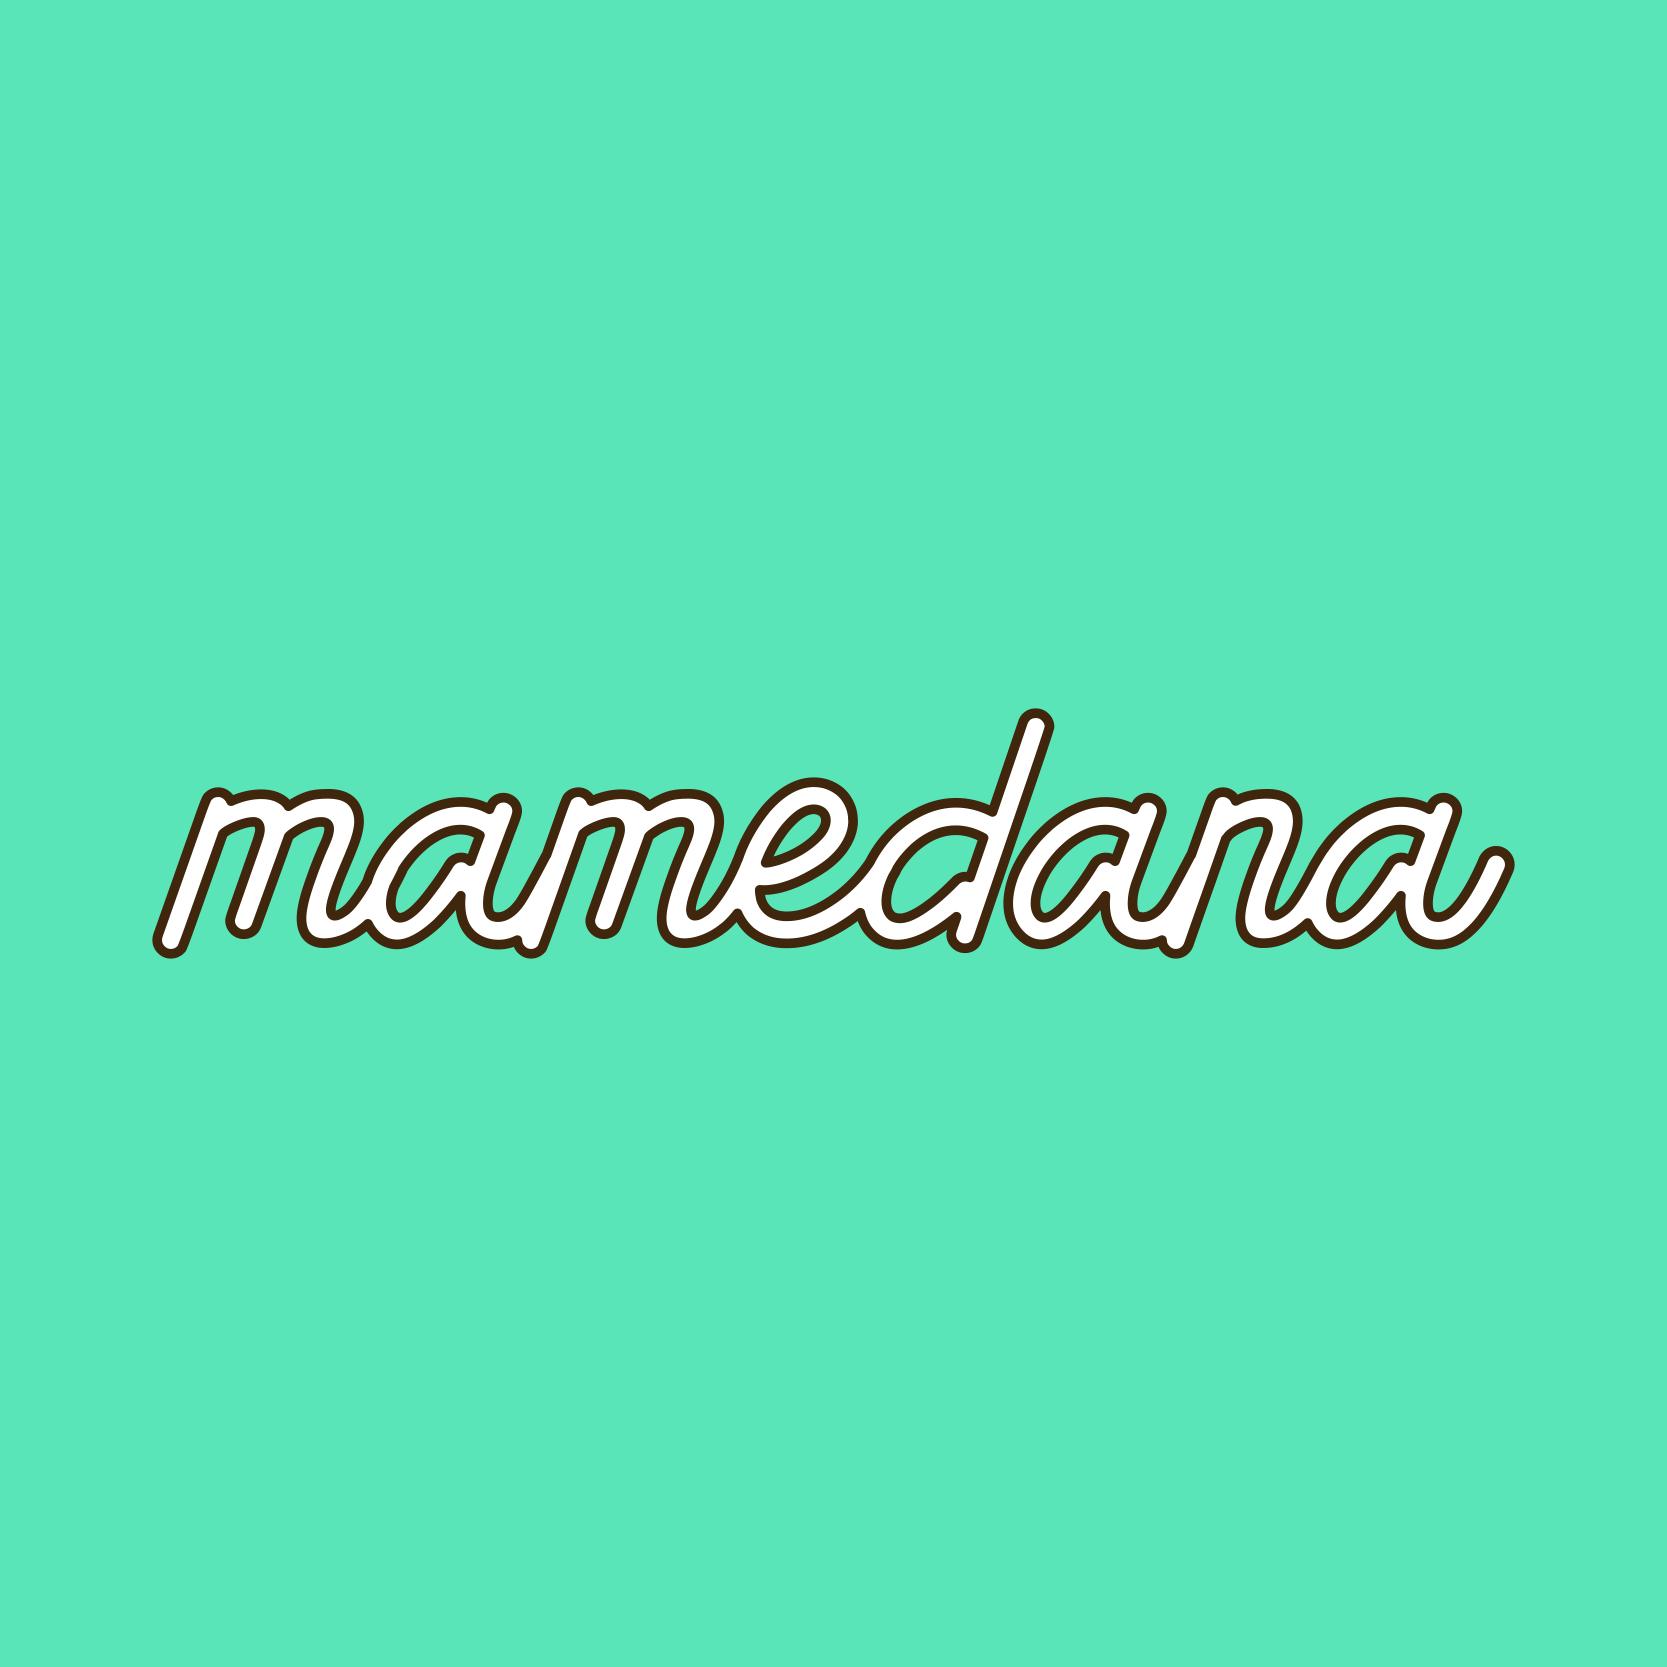 mamedana